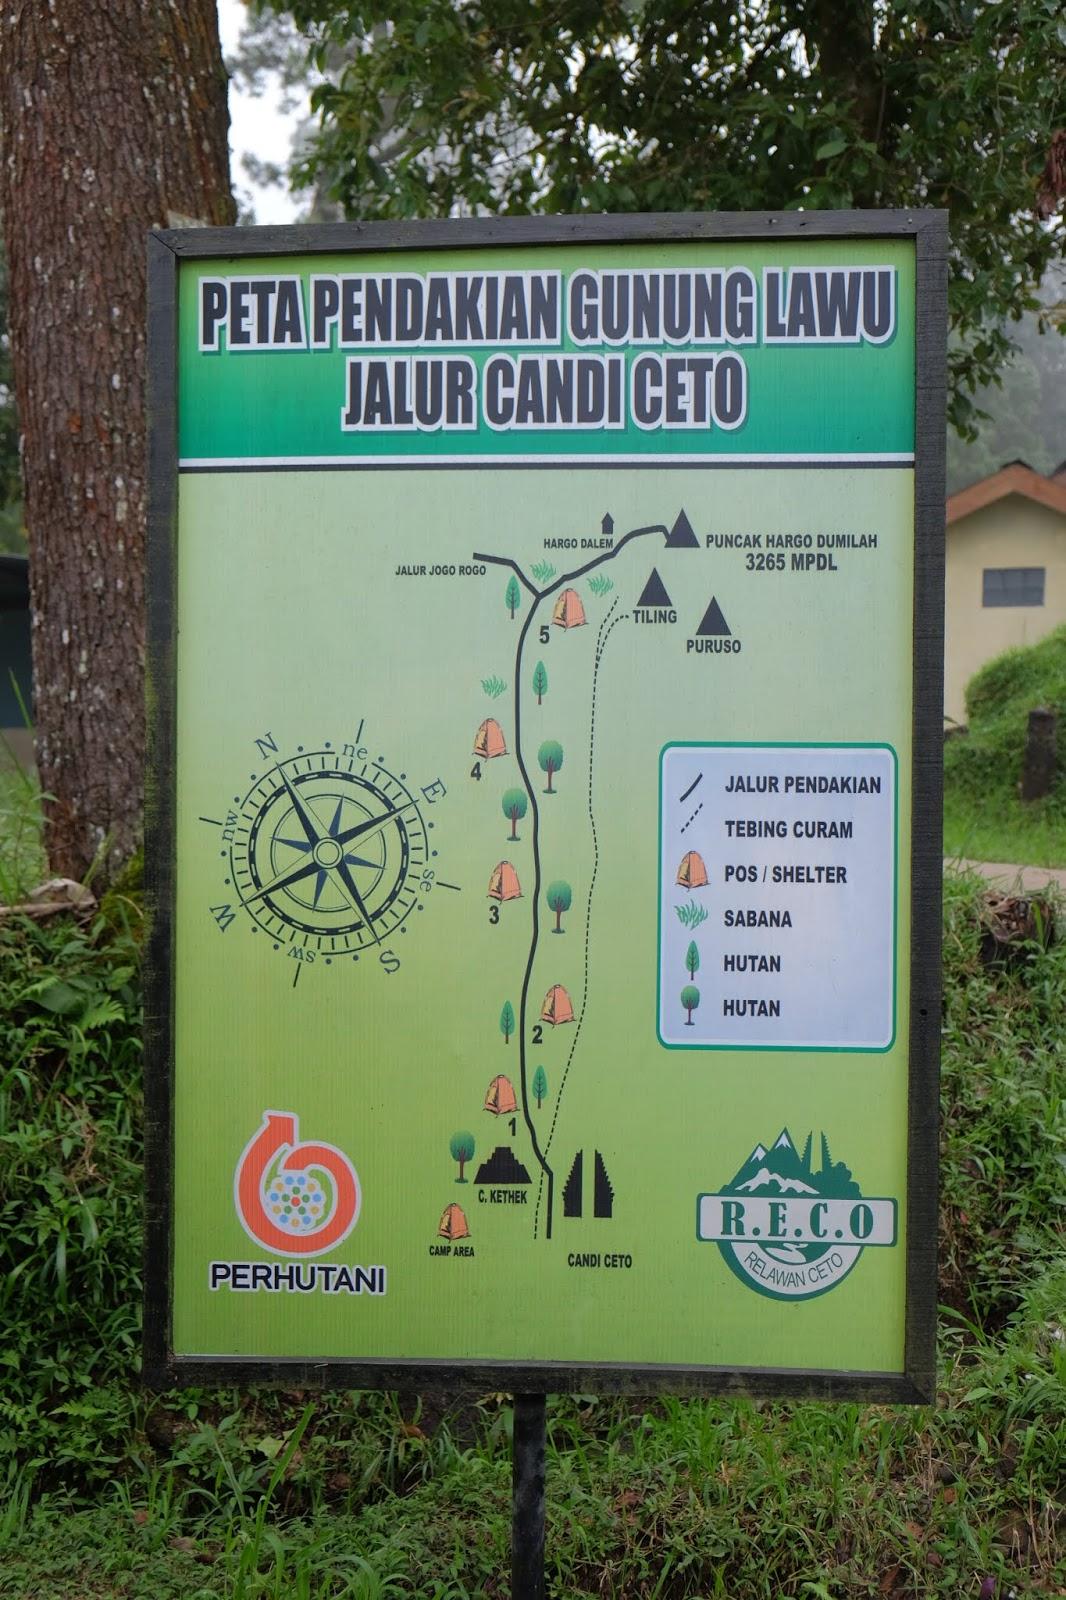 Pendakian Gunung Lawu Via Candi Cetho Mendaki Dan Menyusuri Cagar Budaya Www Ardiyanta Com